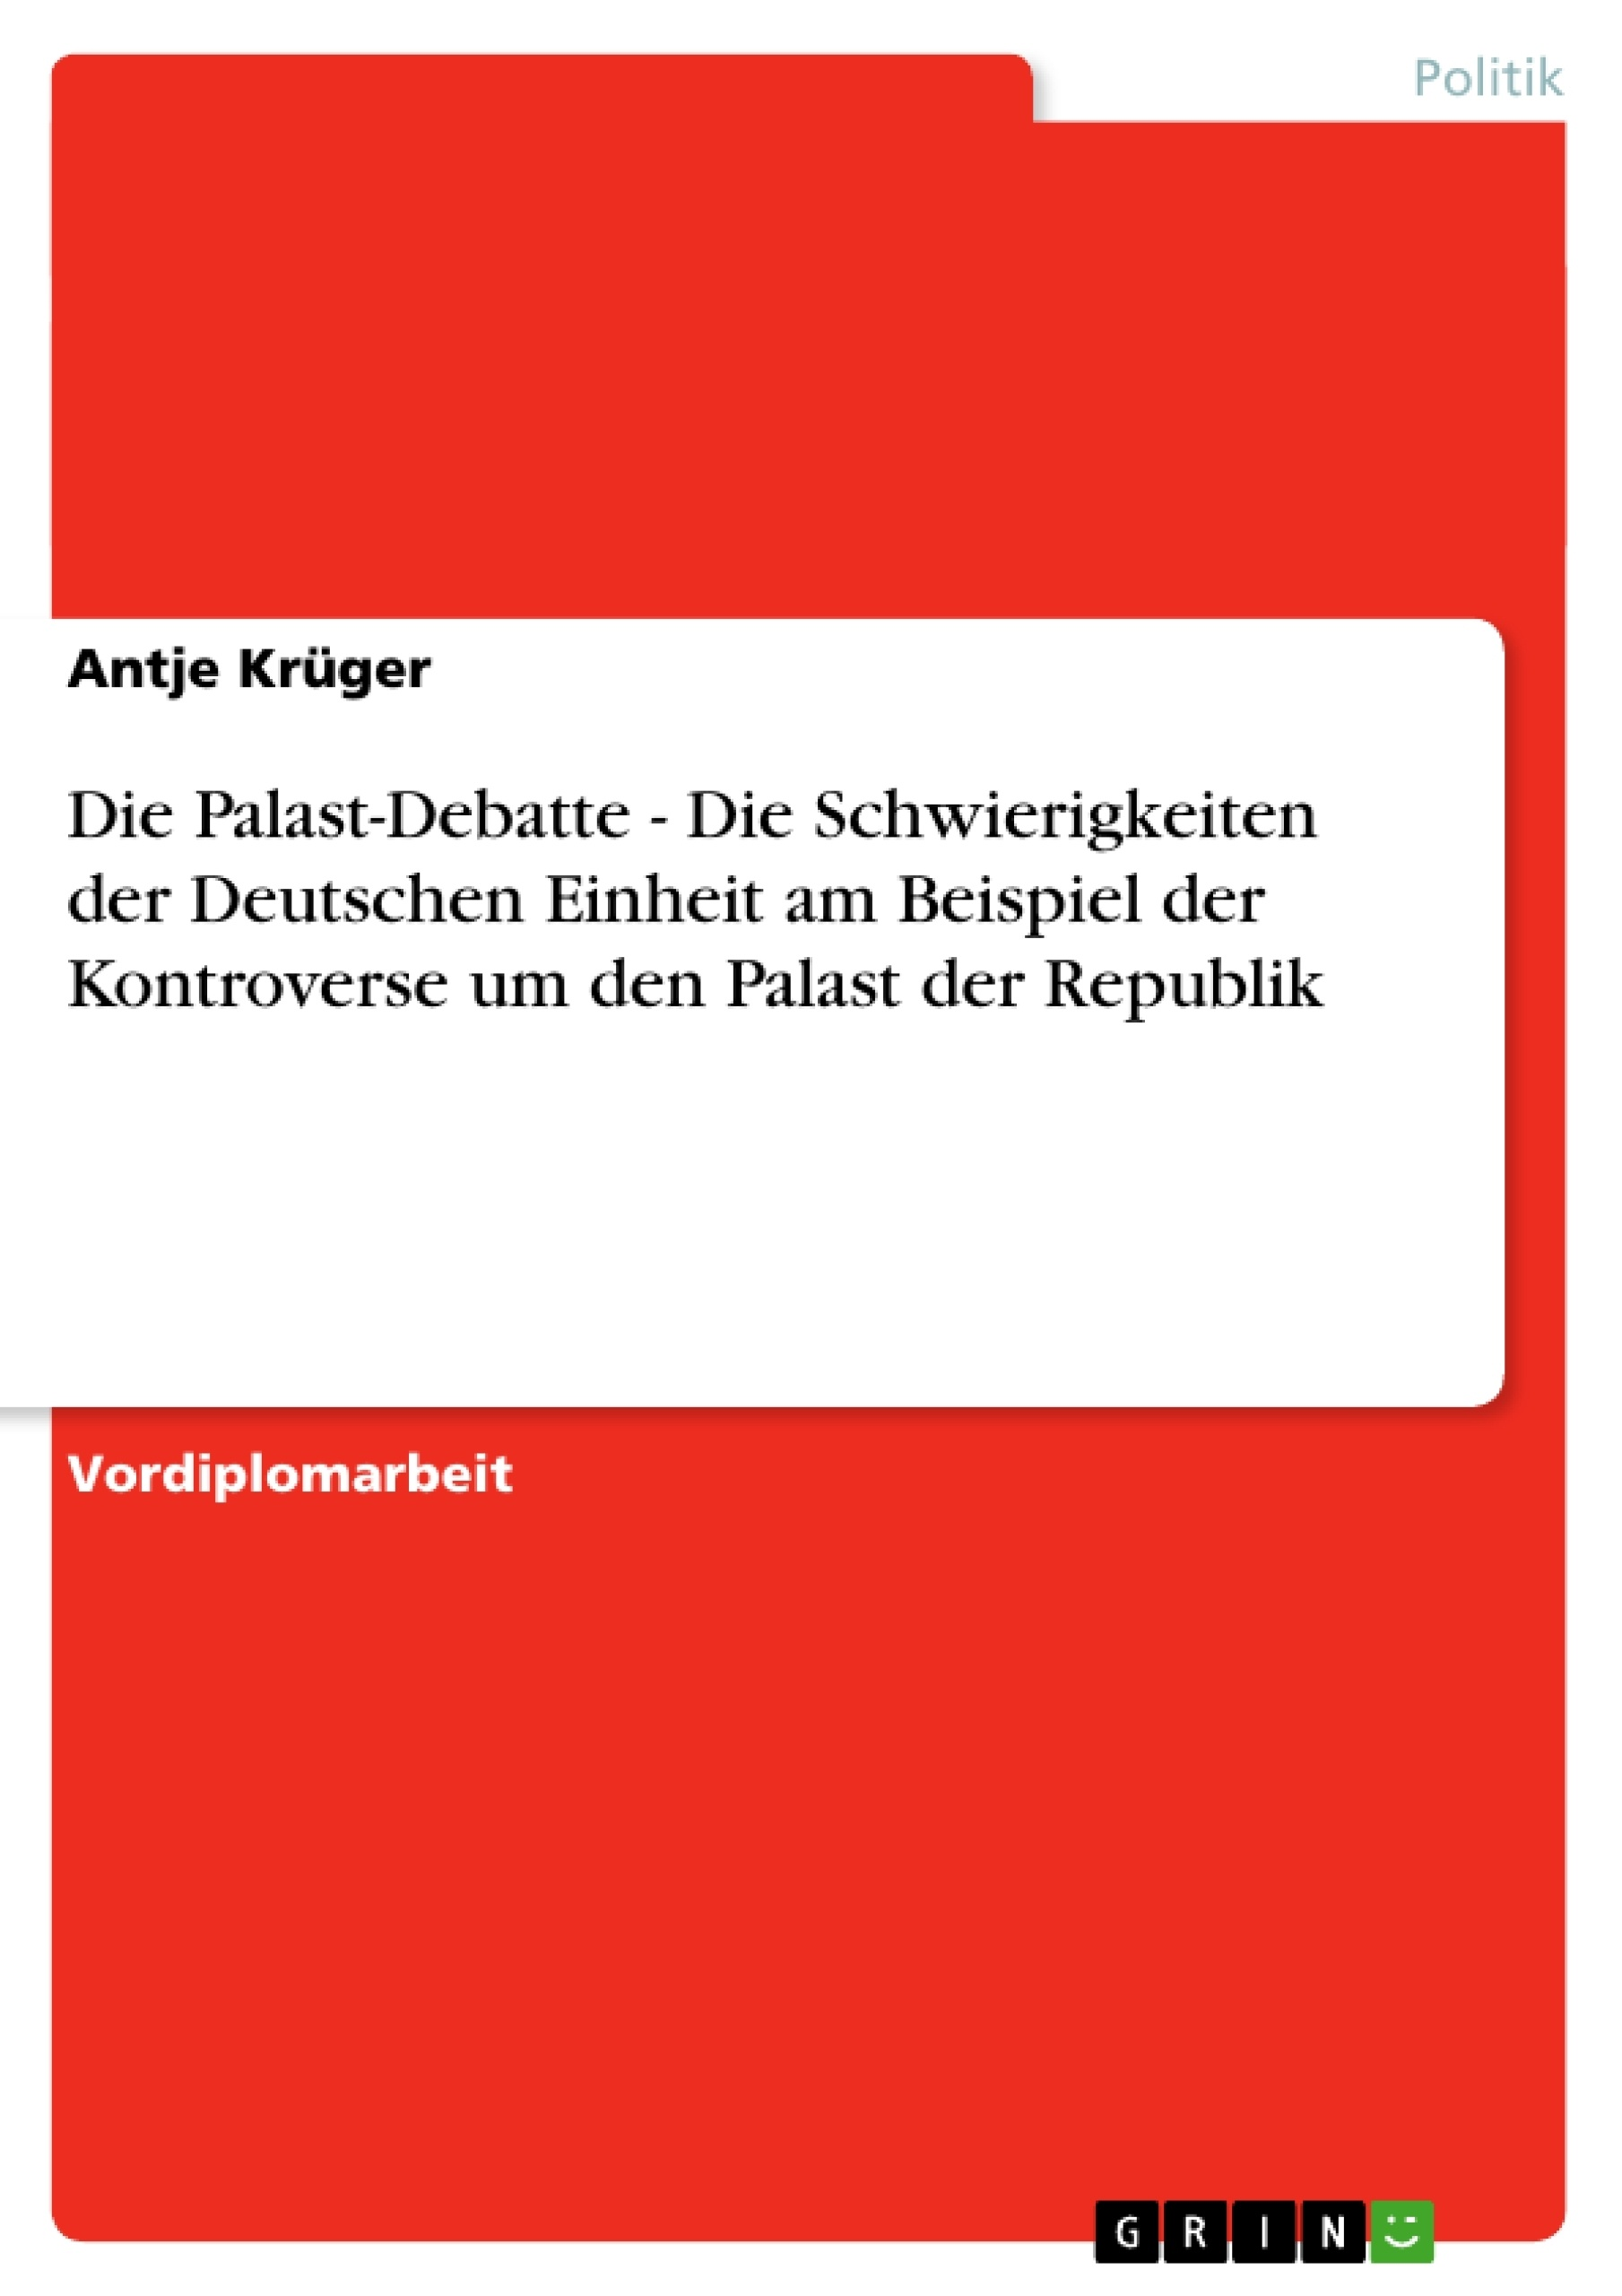 Titel: Die Palast-Debatte - Die Schwierigkeiten der Deutschen Einheit am Beispiel der Kontroverse um den Palast der Republik